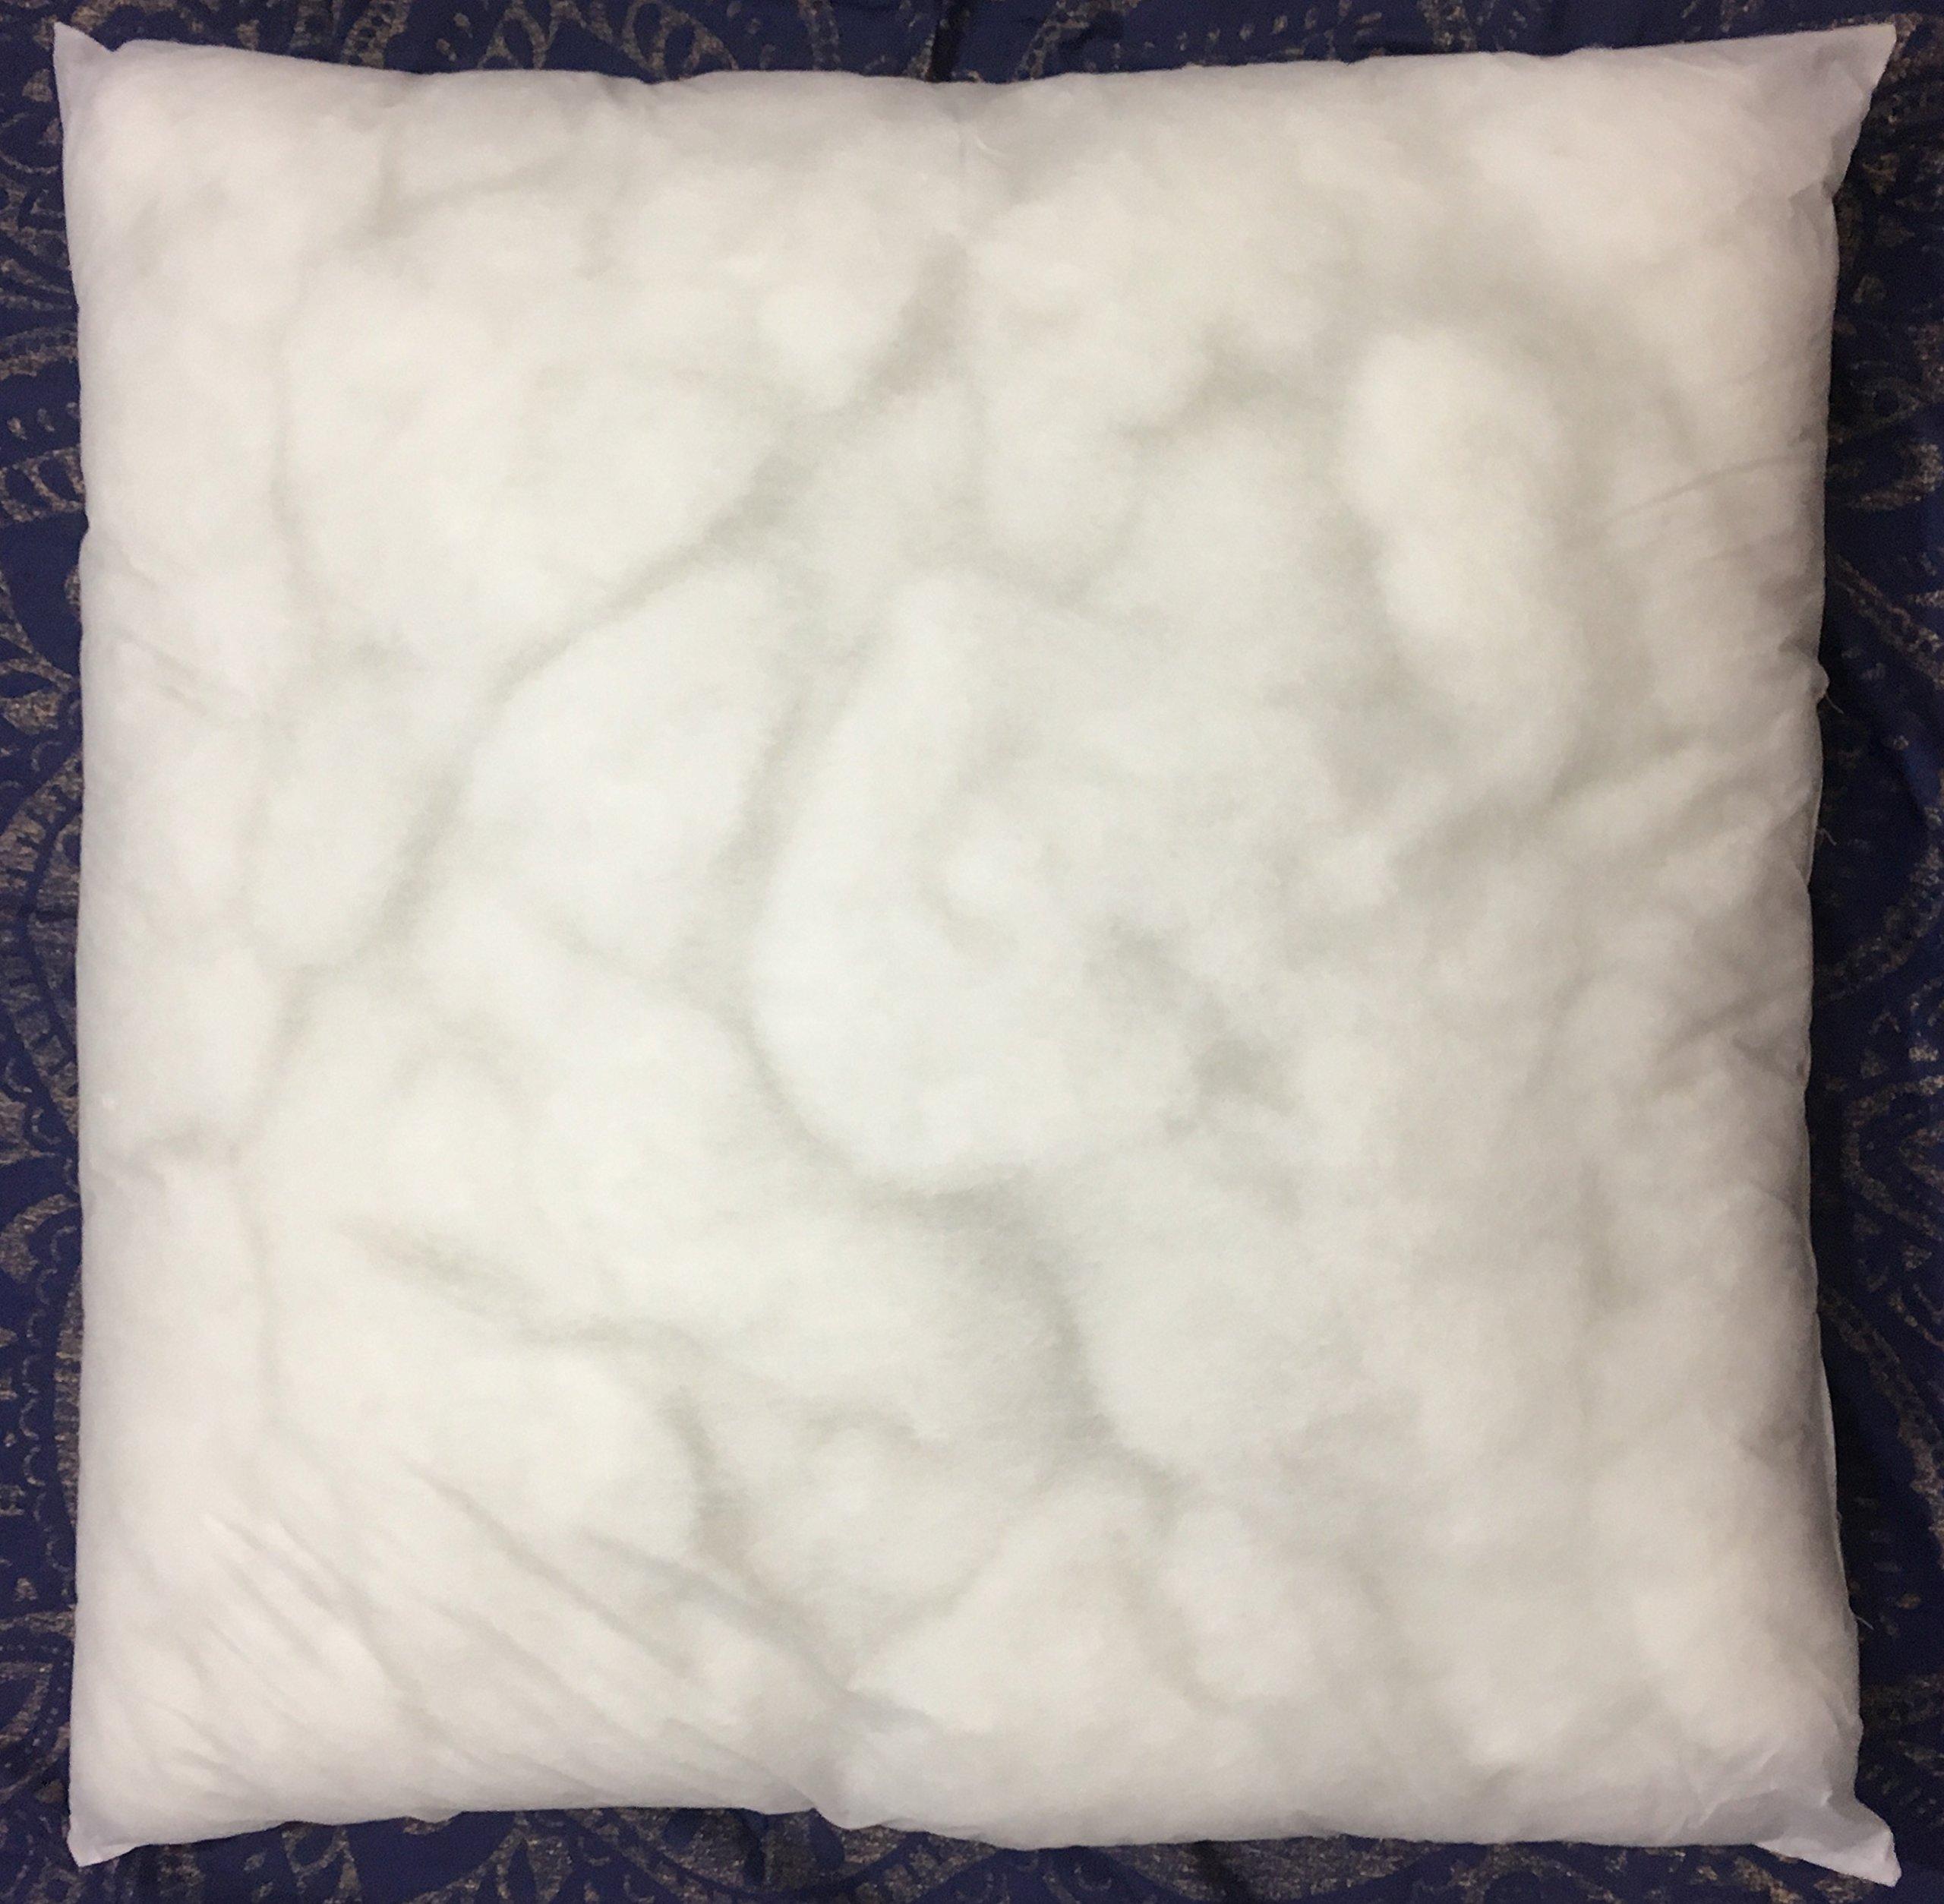 Ganesham Handicraft - Indian Home Decor Polyfiller Inner Pads Square Best For Mandala Floor Pillow Insert 35x35 inch (Christmas Gift) by GANESHAM (Image #1)